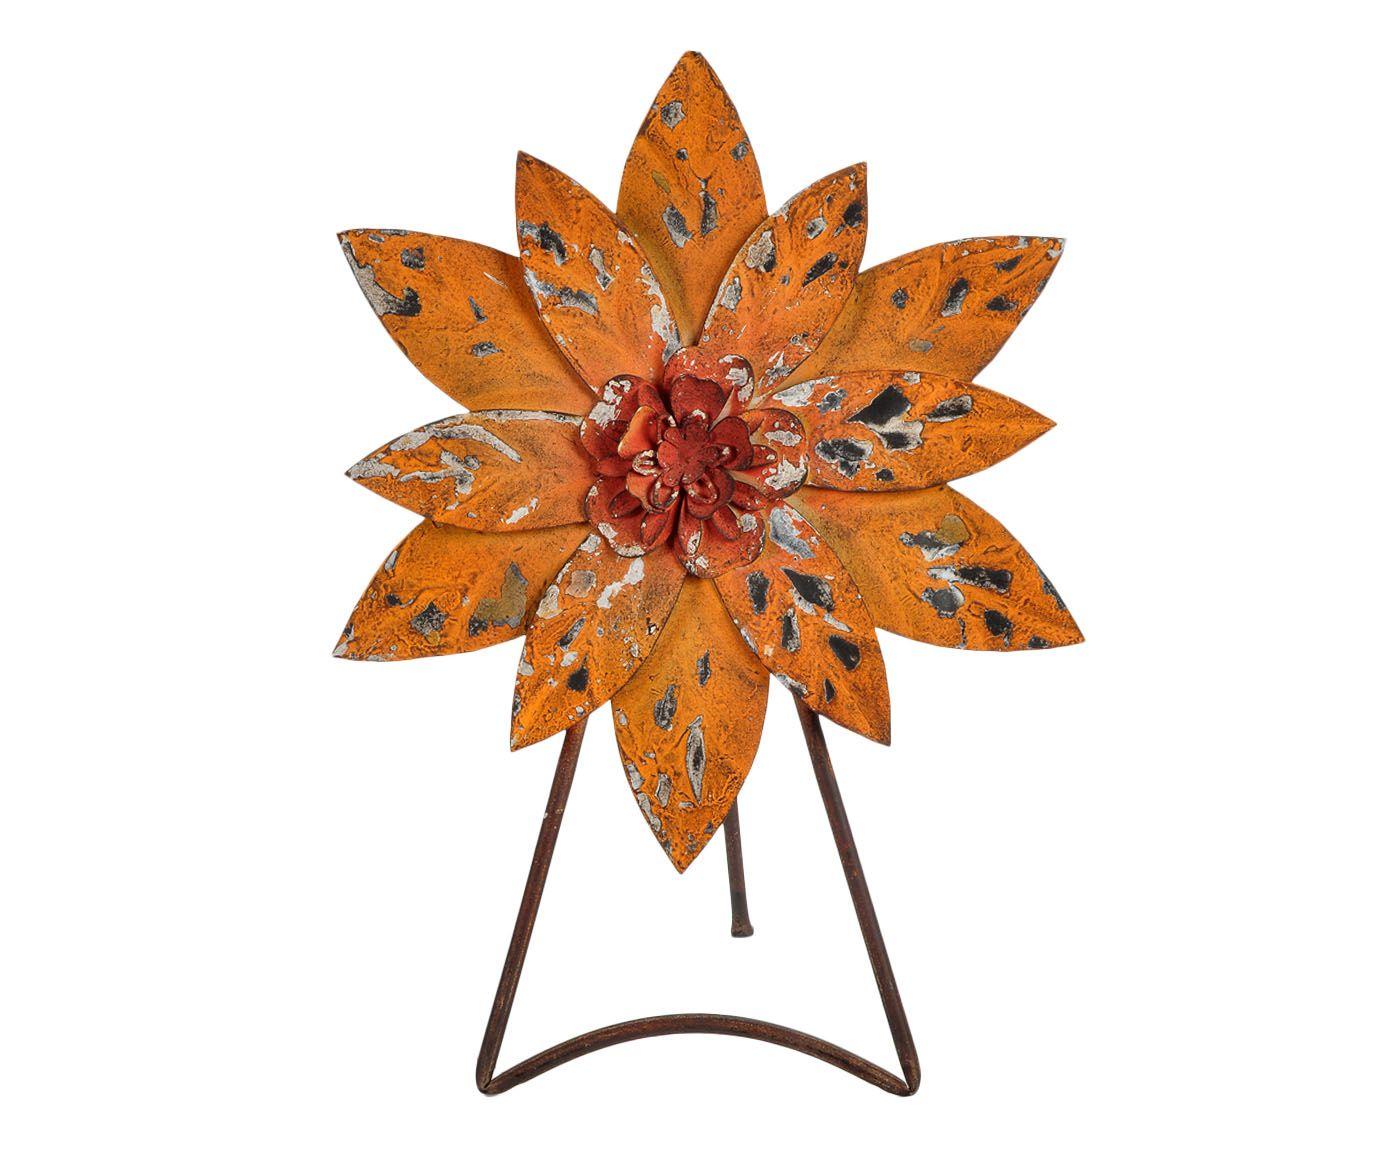 Adorno de Mesa Flowered | Westwing.com.br